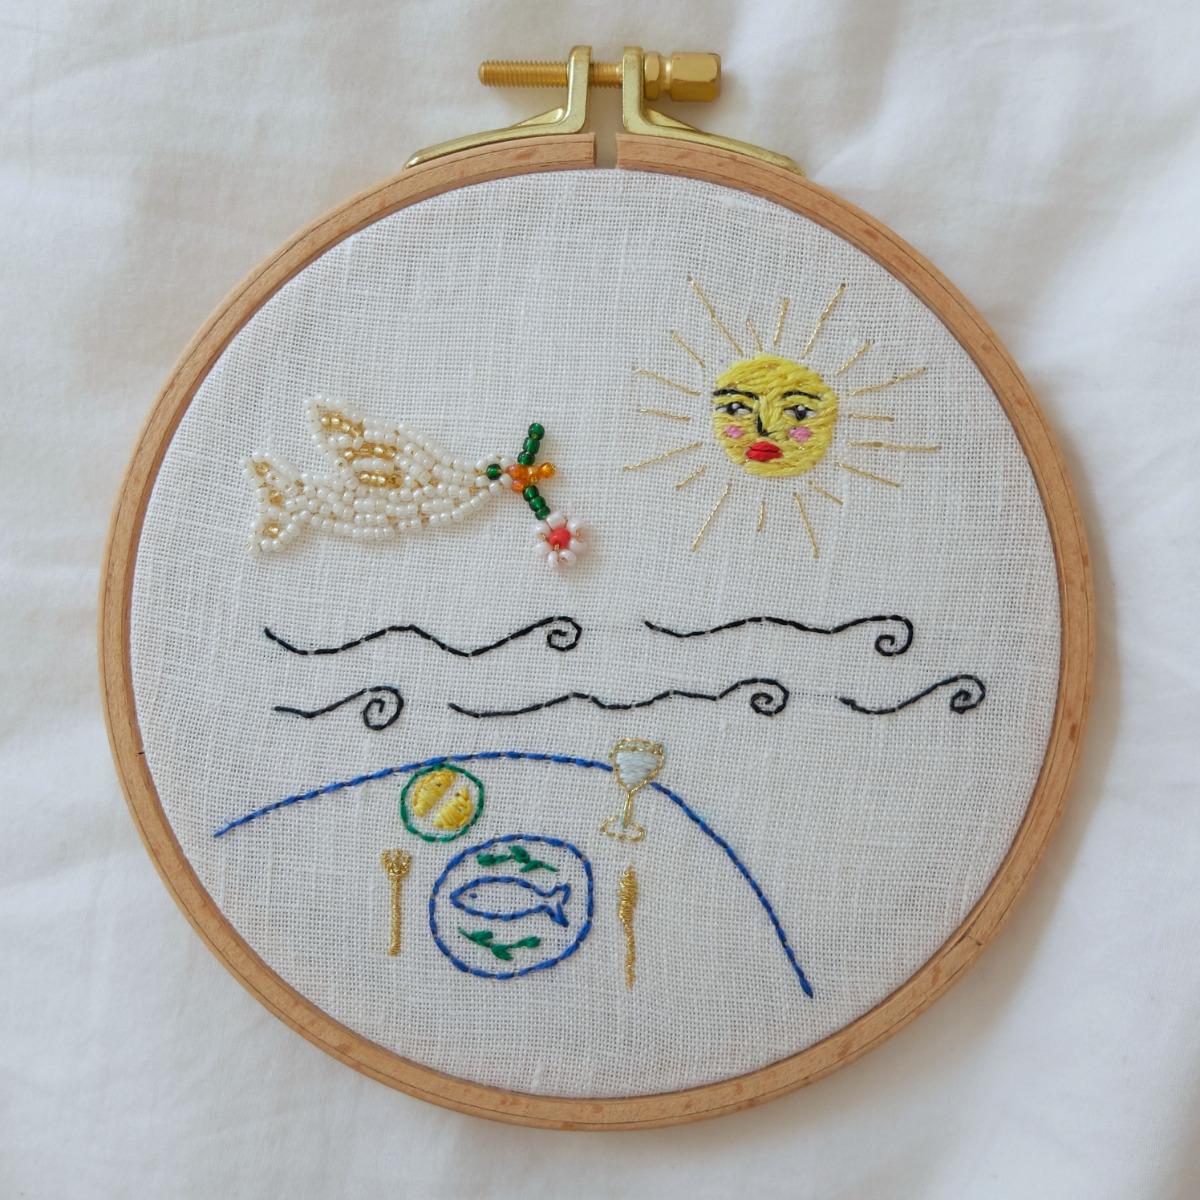 Life in the atlantique hoop 1